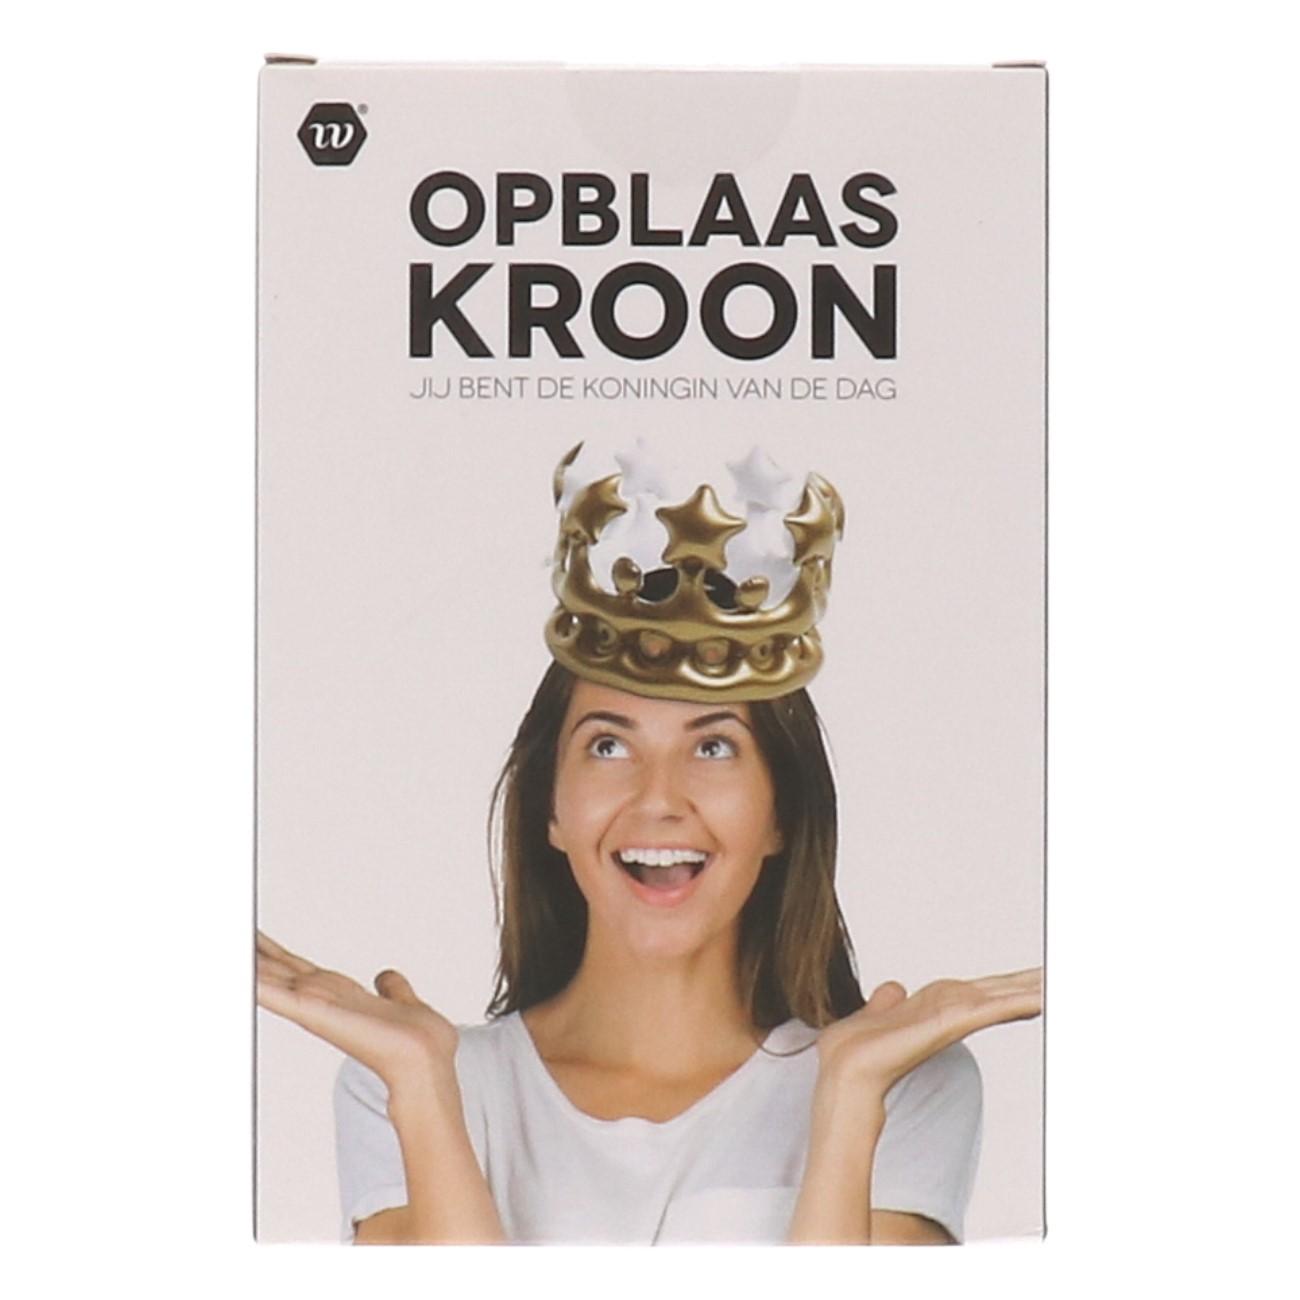 Opblaas kroon